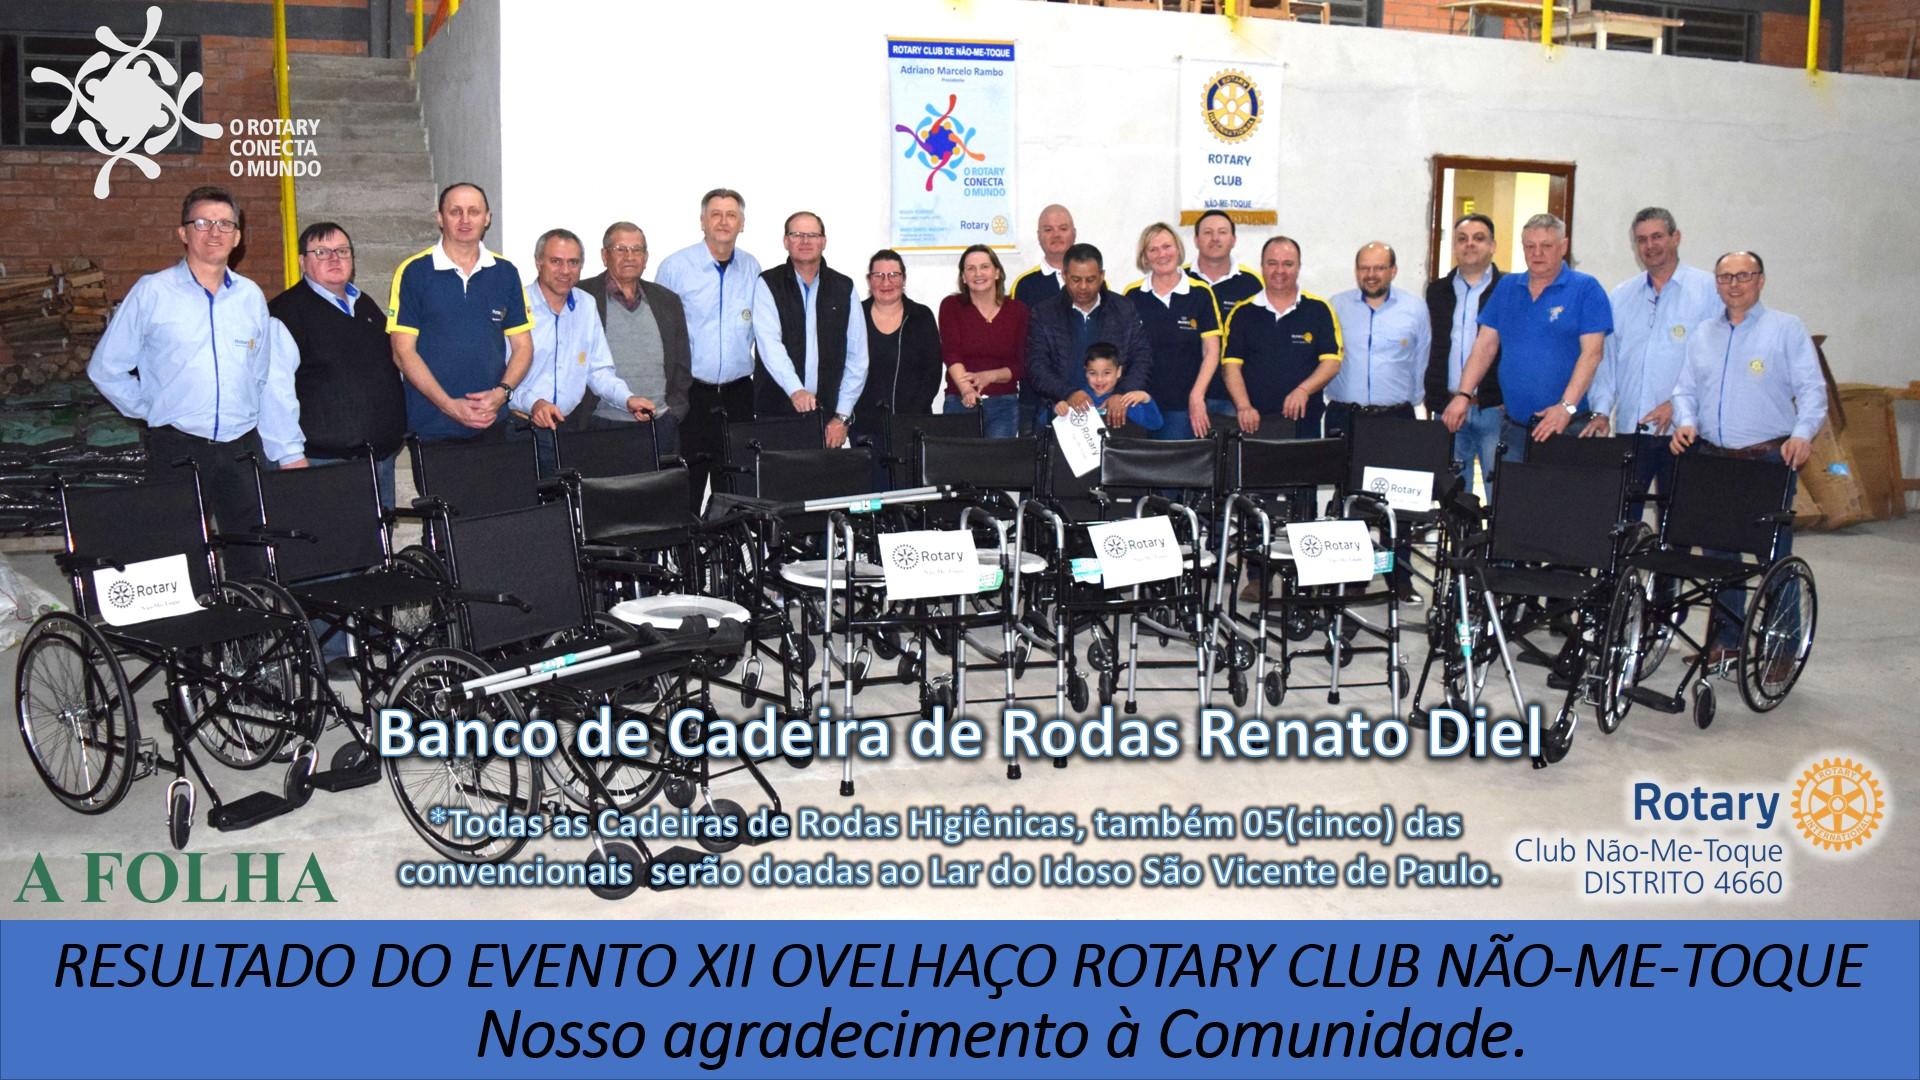 Rotary mantém Banco de Cadeiras de Rodas, Andadores e Muletas para empréstimo